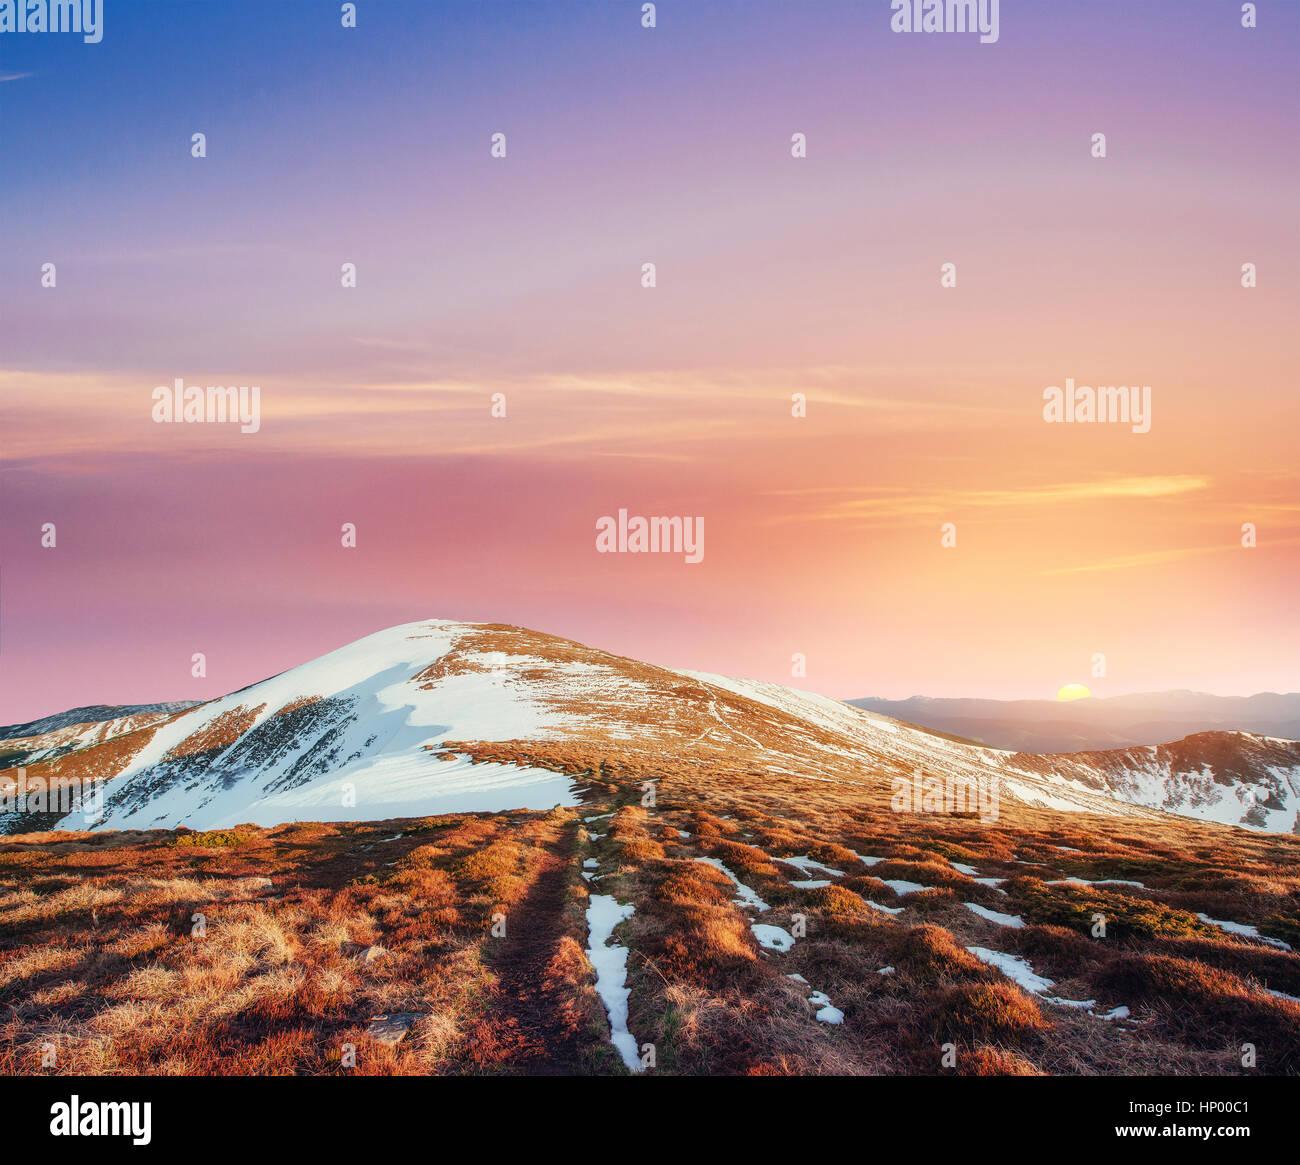 Hiver magique arbre couvert de neige. Coucher du soleil dans les Carpates. Ukr Photo Stock